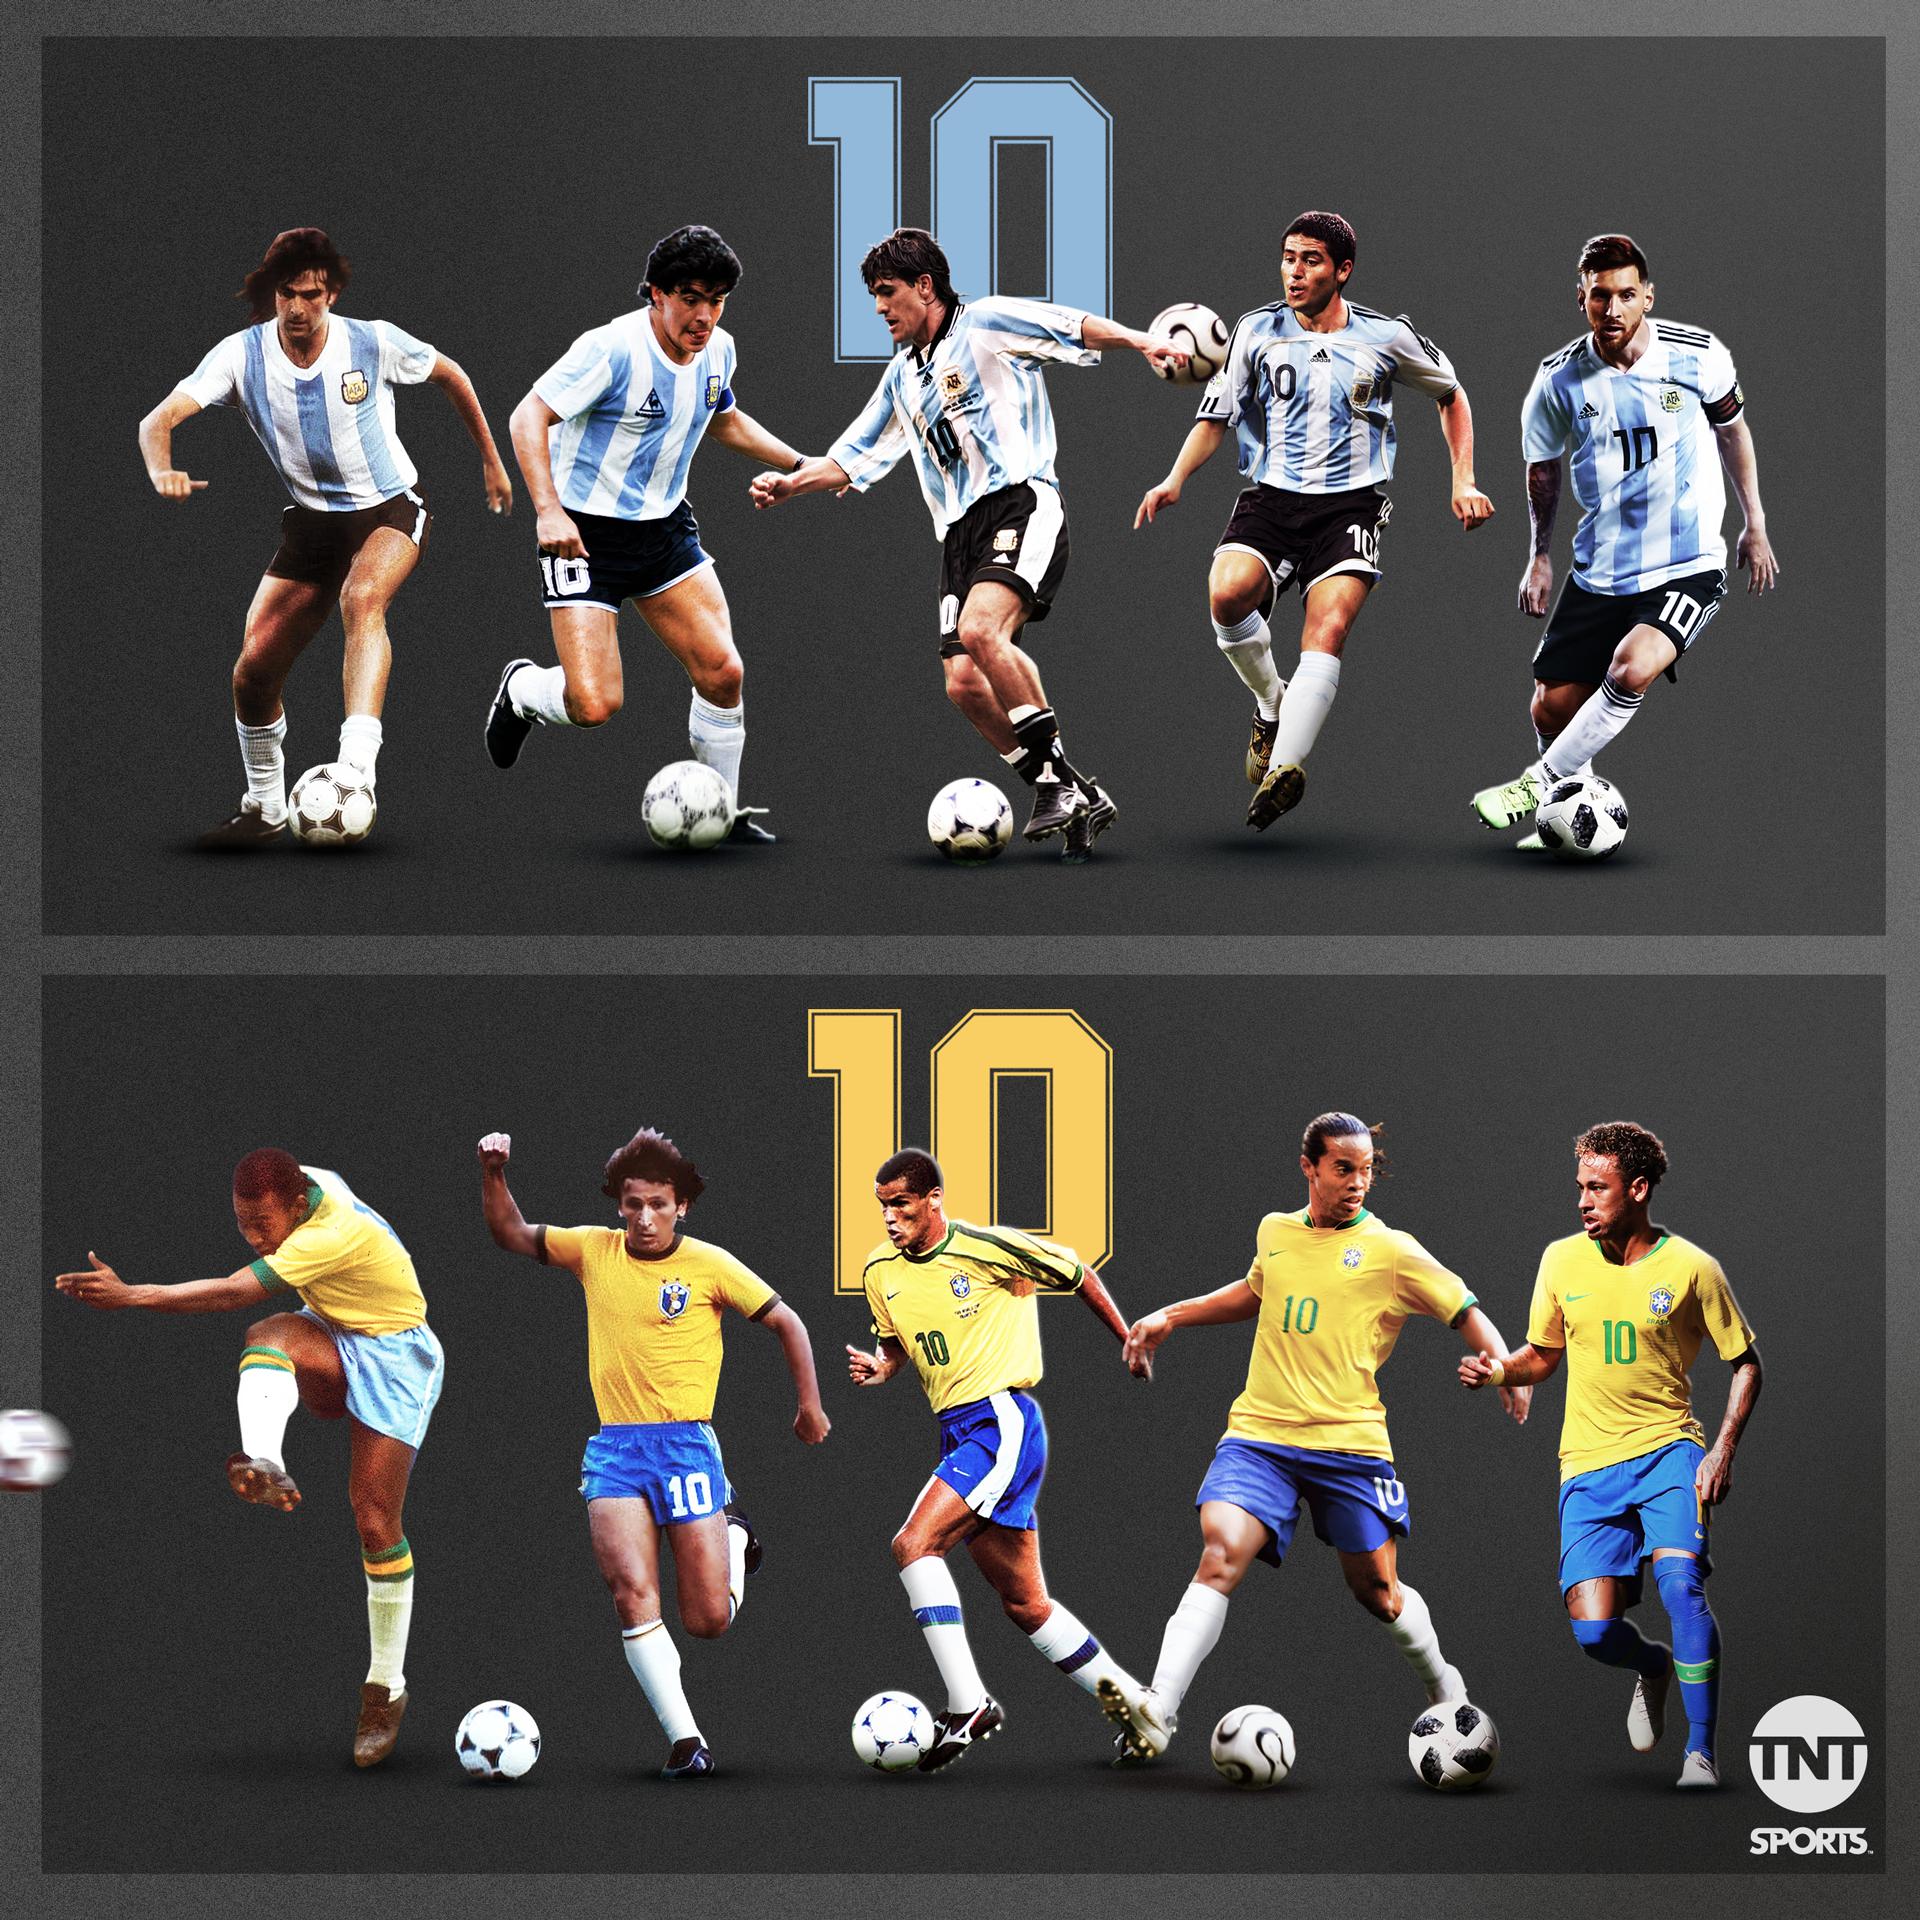 TNT-ARGENTINA-BRASIL-10-SQUARE